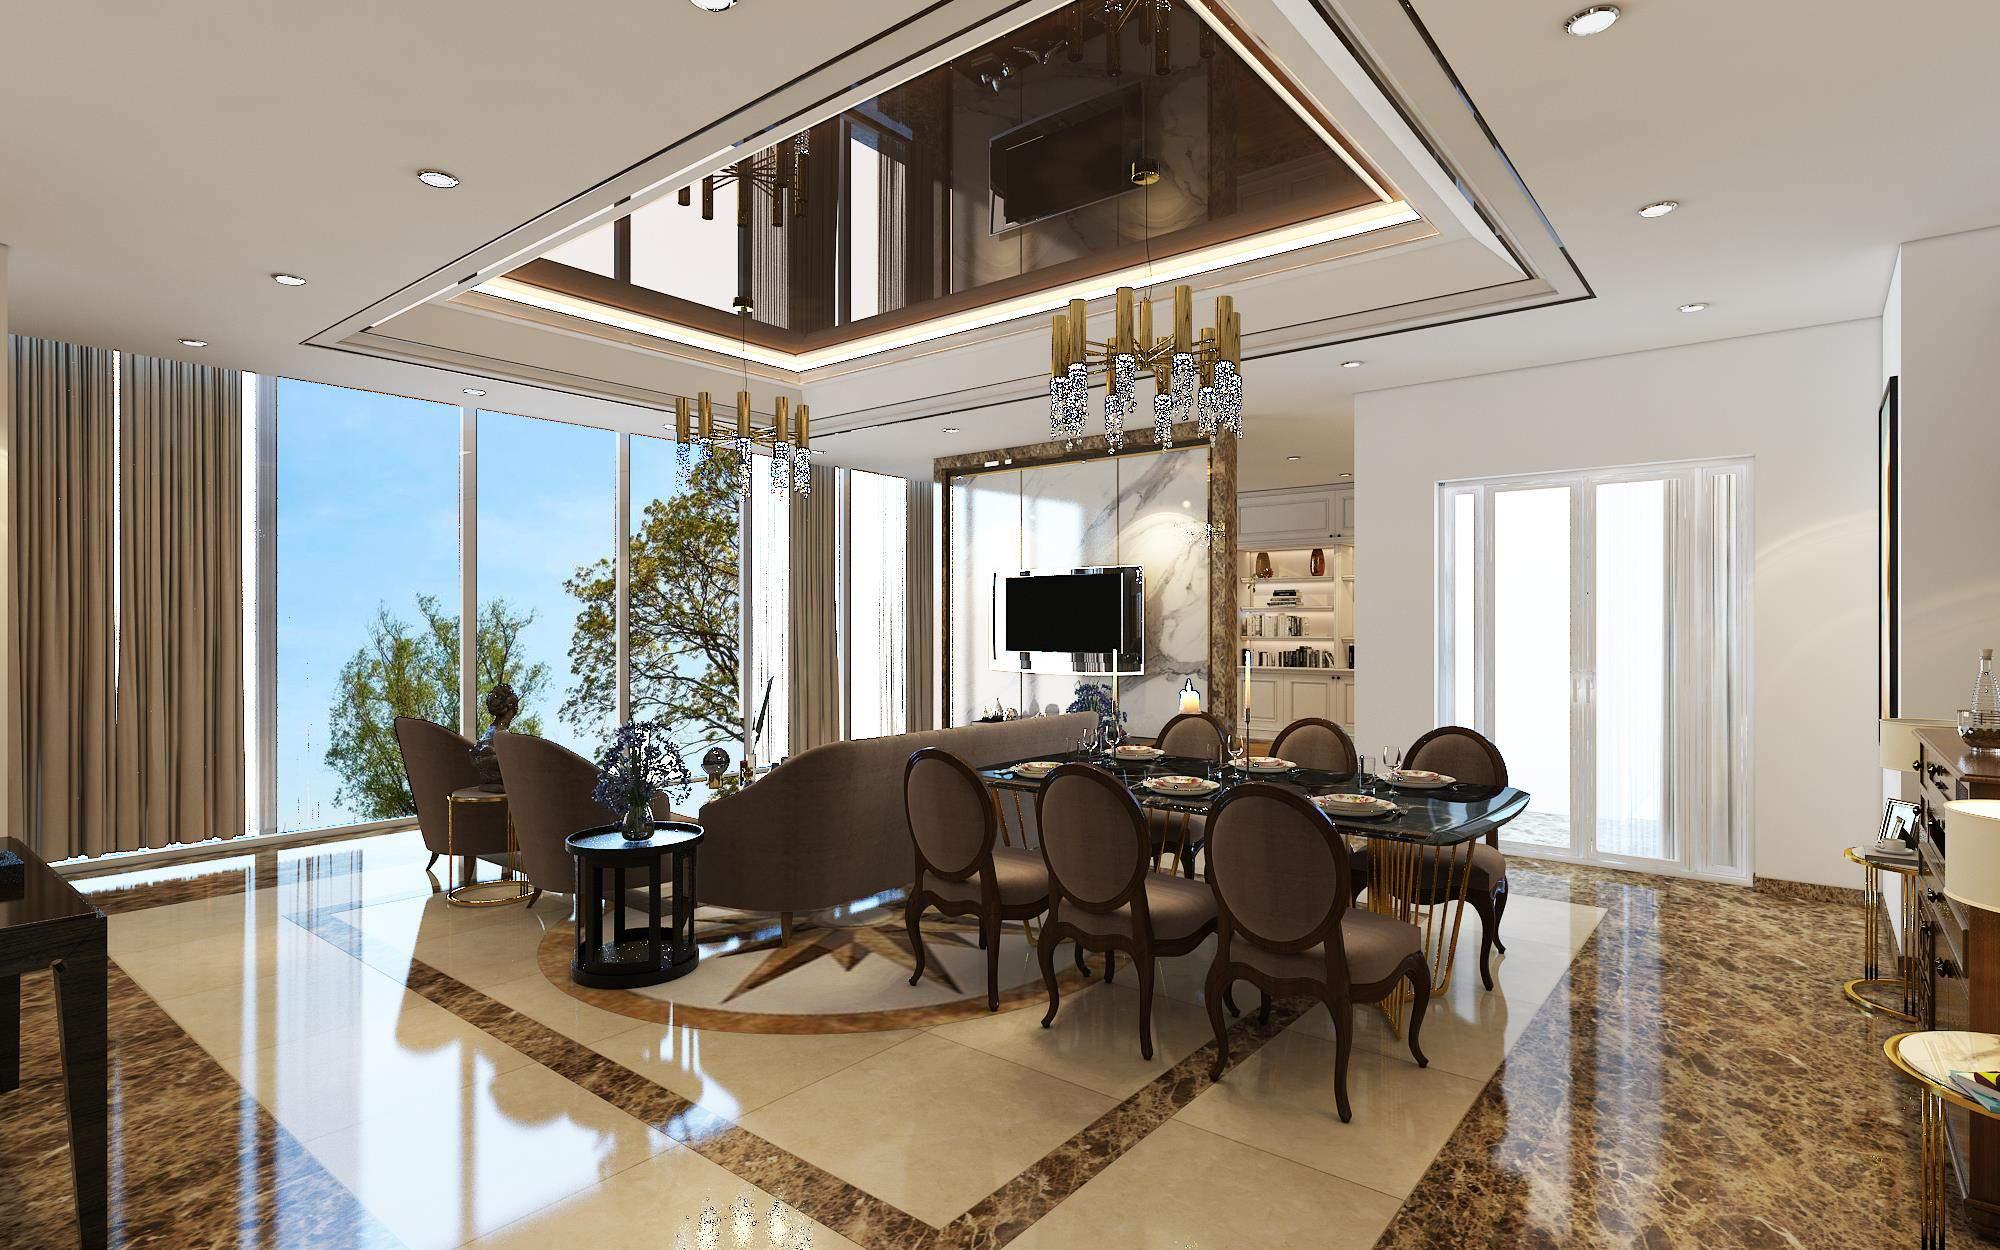 Mẫu thiết kế phòng khách đẹp và sang chảnh nhất hiện nay